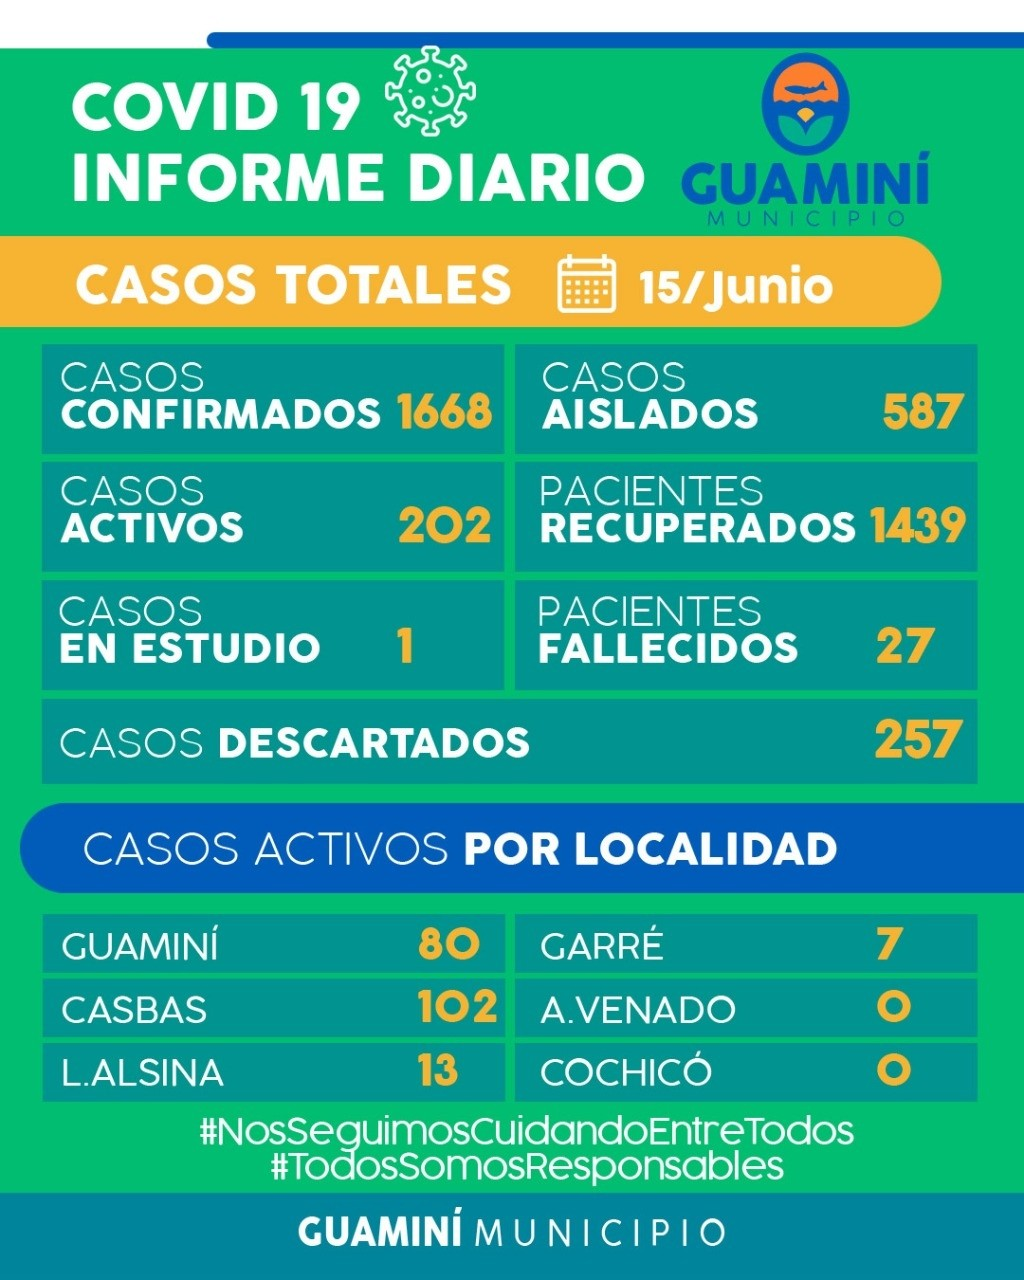 CORONAVIRUS: INFORME DIARIO DE SITUACIÓN A NIVEL NACIONAL Y LOCAL  - 15 DE JUNIO -